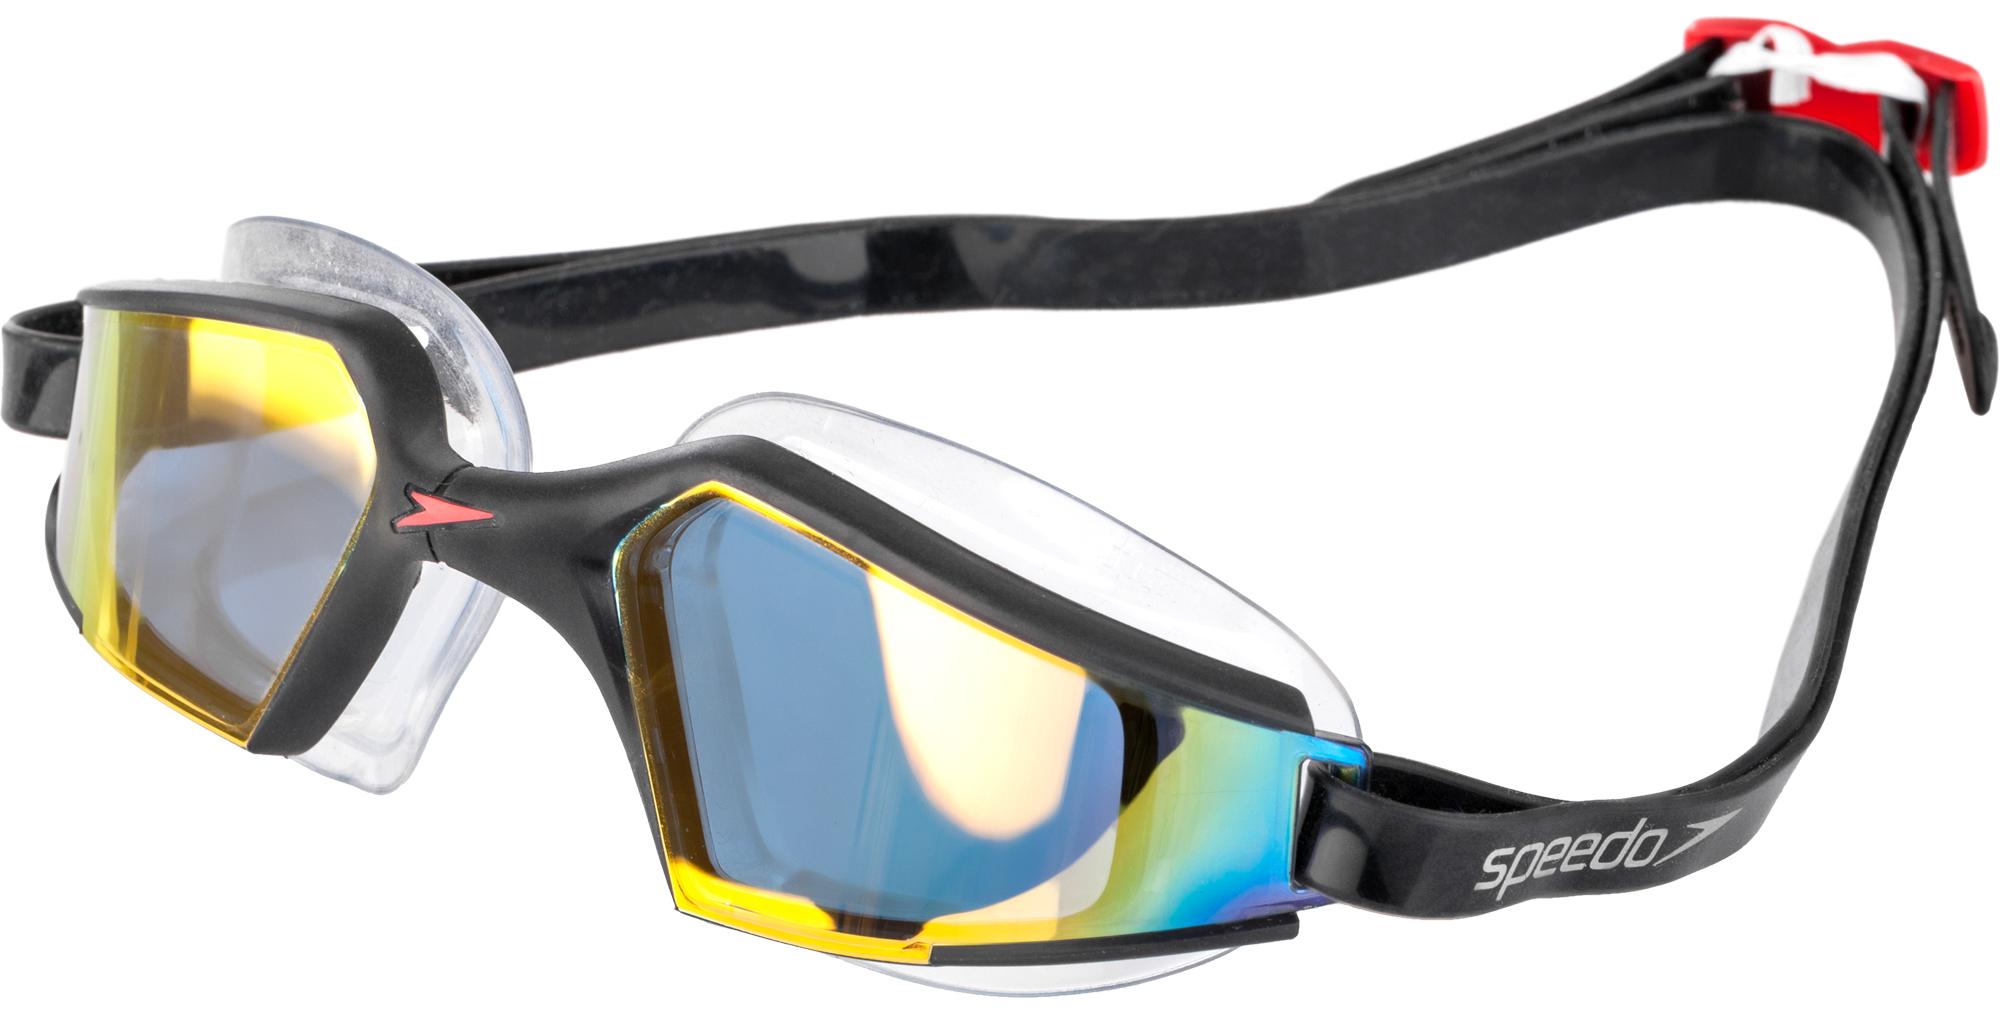 купить Speedo Очки для плавания Speedo Aquapulse Max 2, размер Без размера по цене 2599 рублей